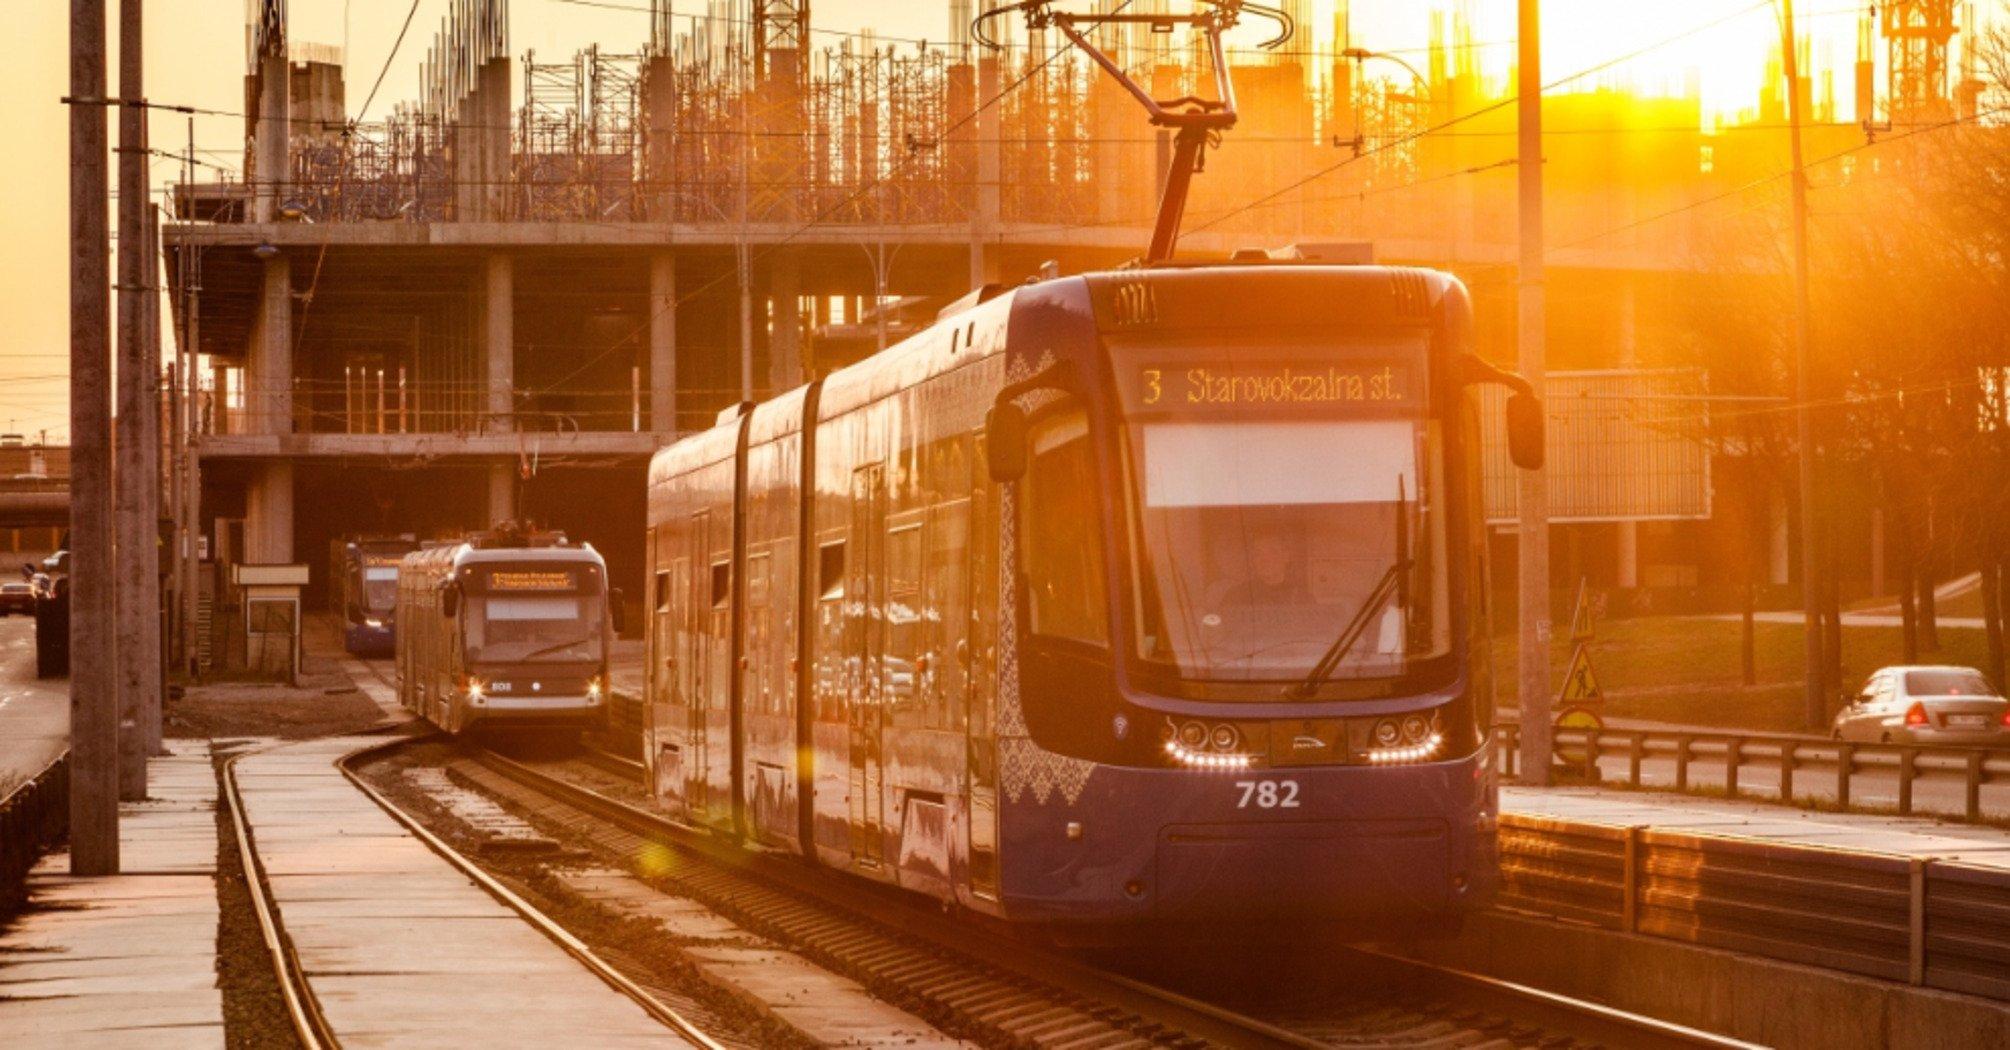 Оновлена кінцева станція швидкісного трамваю в Києві виходить у ТЦ. Фото